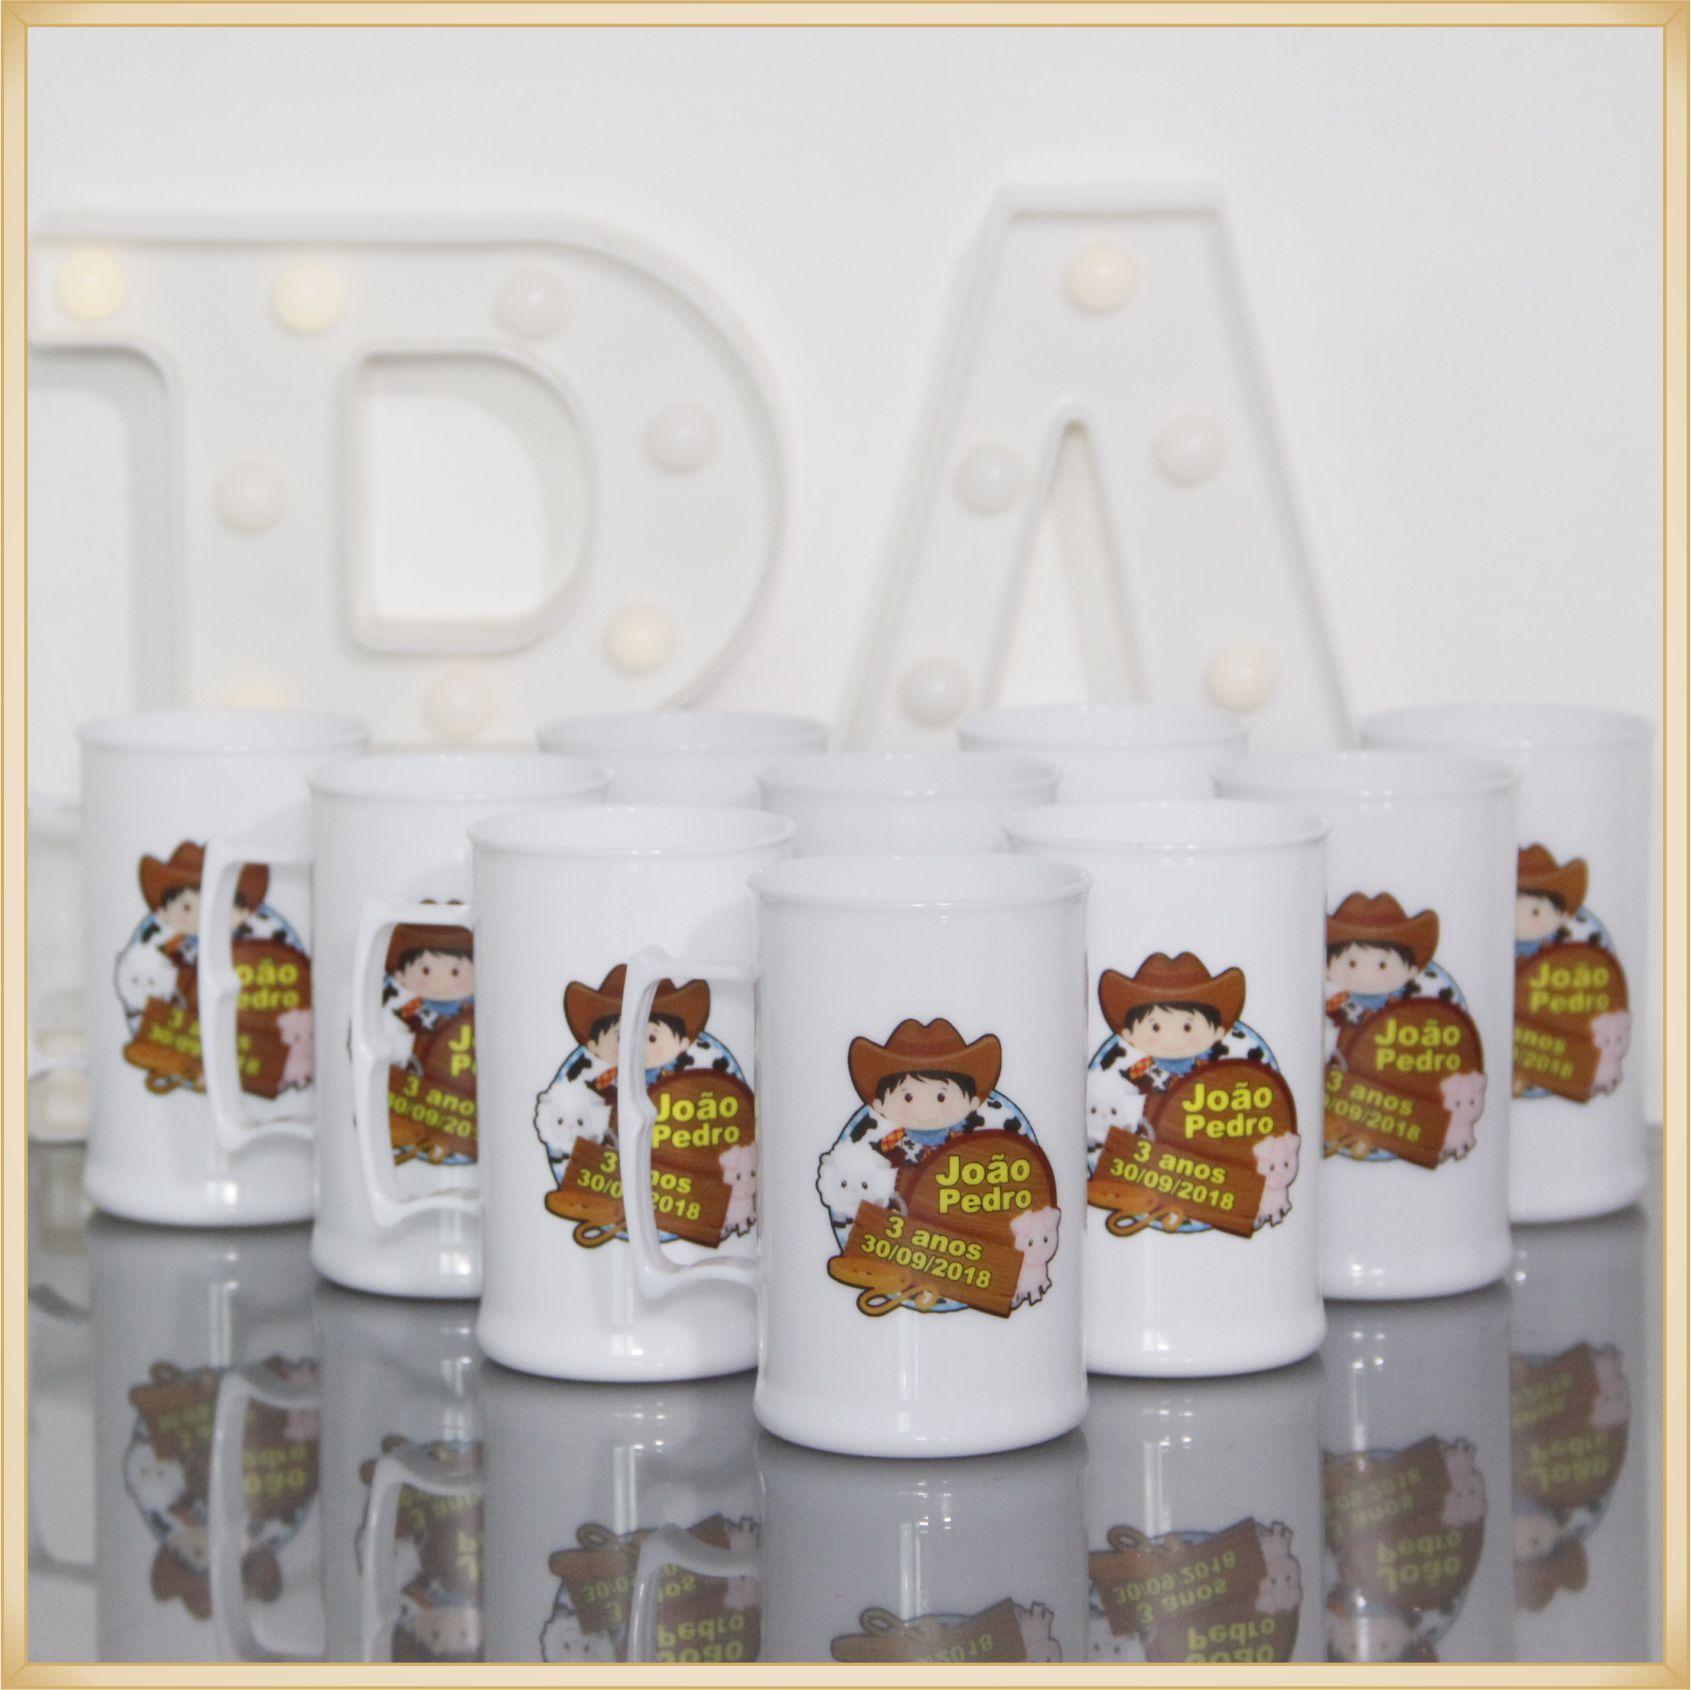 Canecas de acrílico personalizadas aniversário - alta qualidade, acabamento perfeito, parede de 2,5 mm, material atóxico, 300 ml - kit 50 unidades